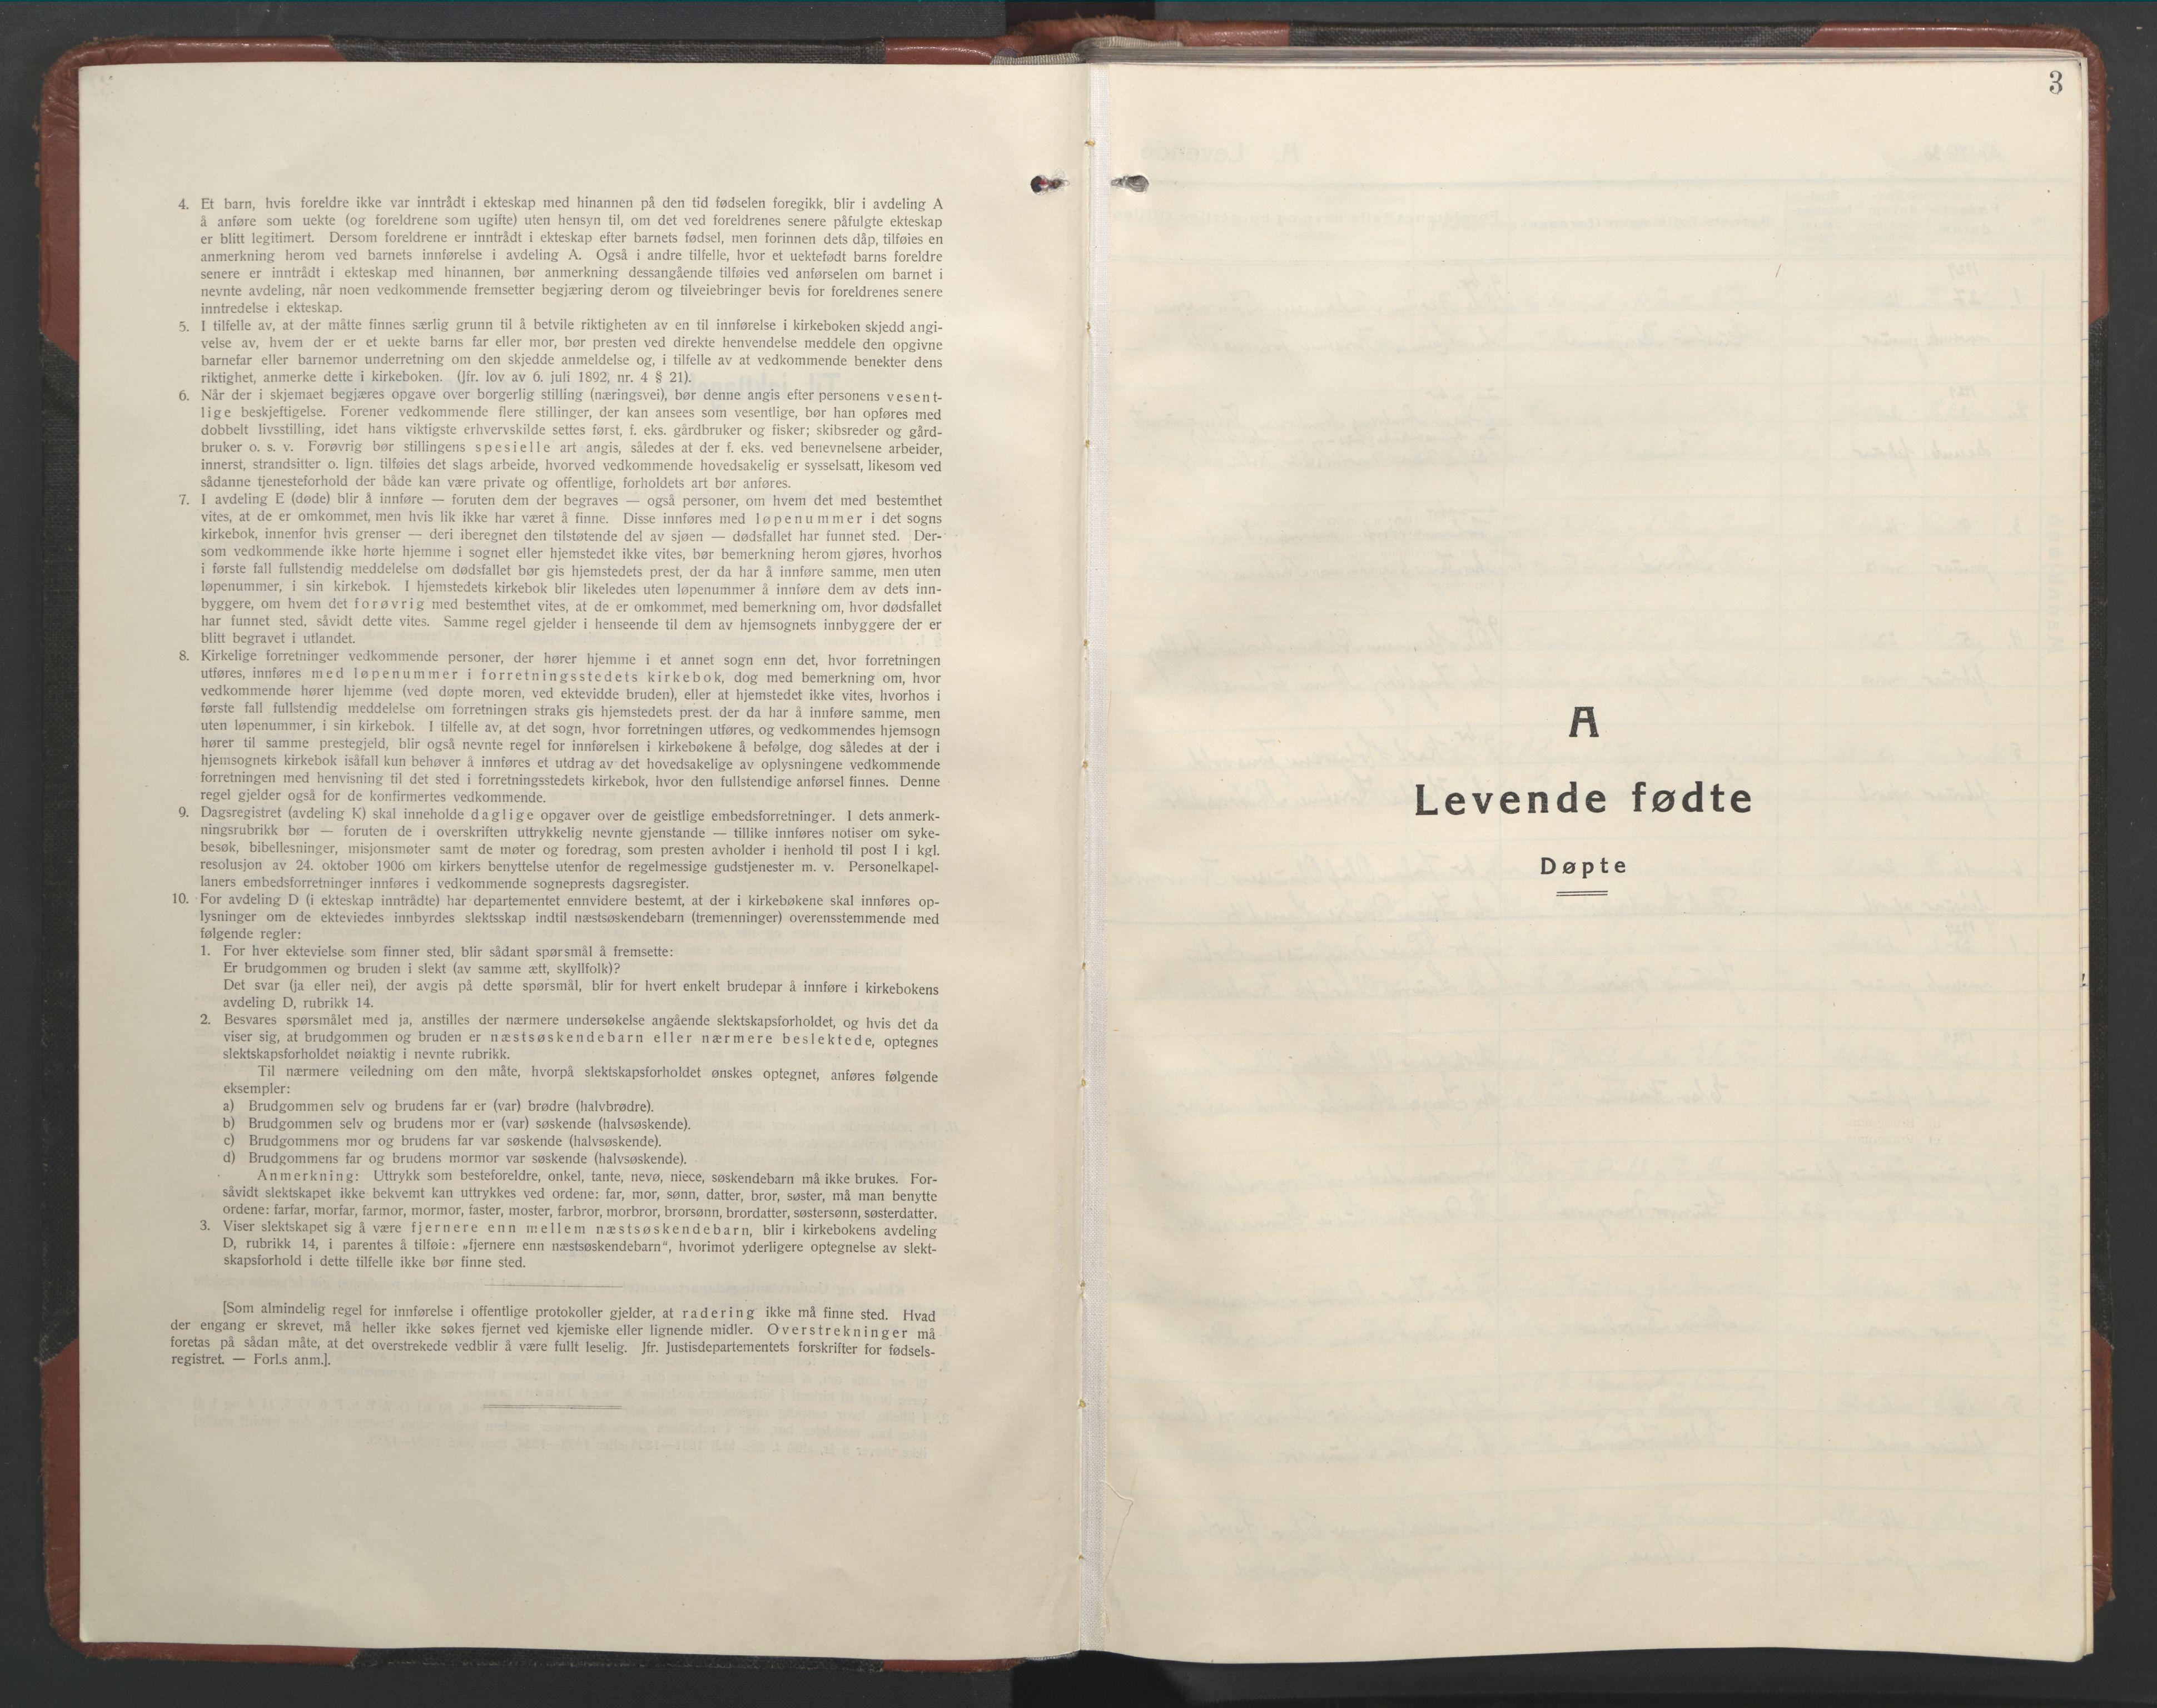 SAT, Ministerialprotokoller, klokkerbøker og fødselsregistre - Nord-Trøndelag, 701/L0019: Klokkerbok nr. 701C03, 1930-1953, s. 3